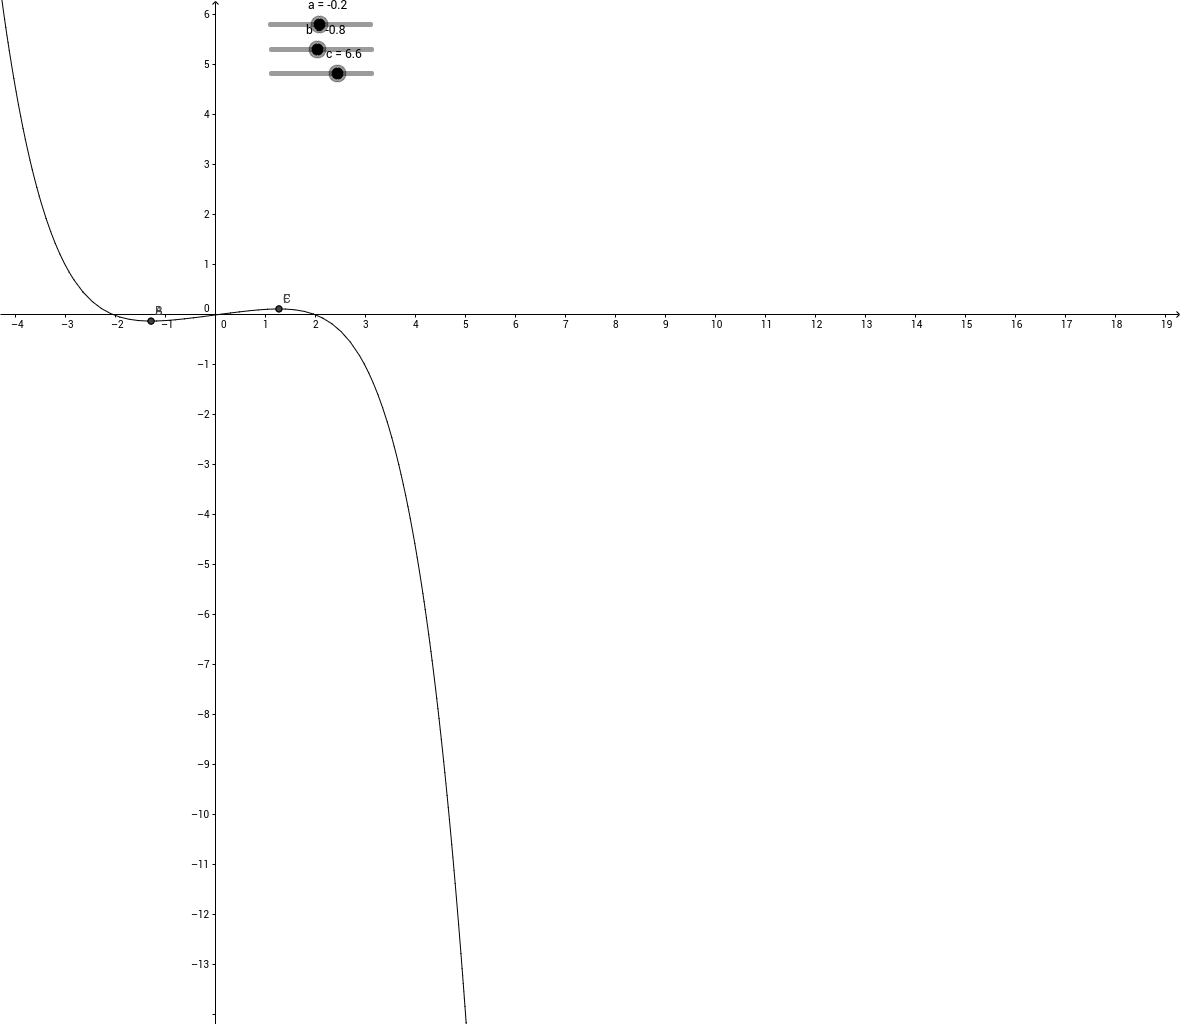 Polynumfunktion und ihre Extrema